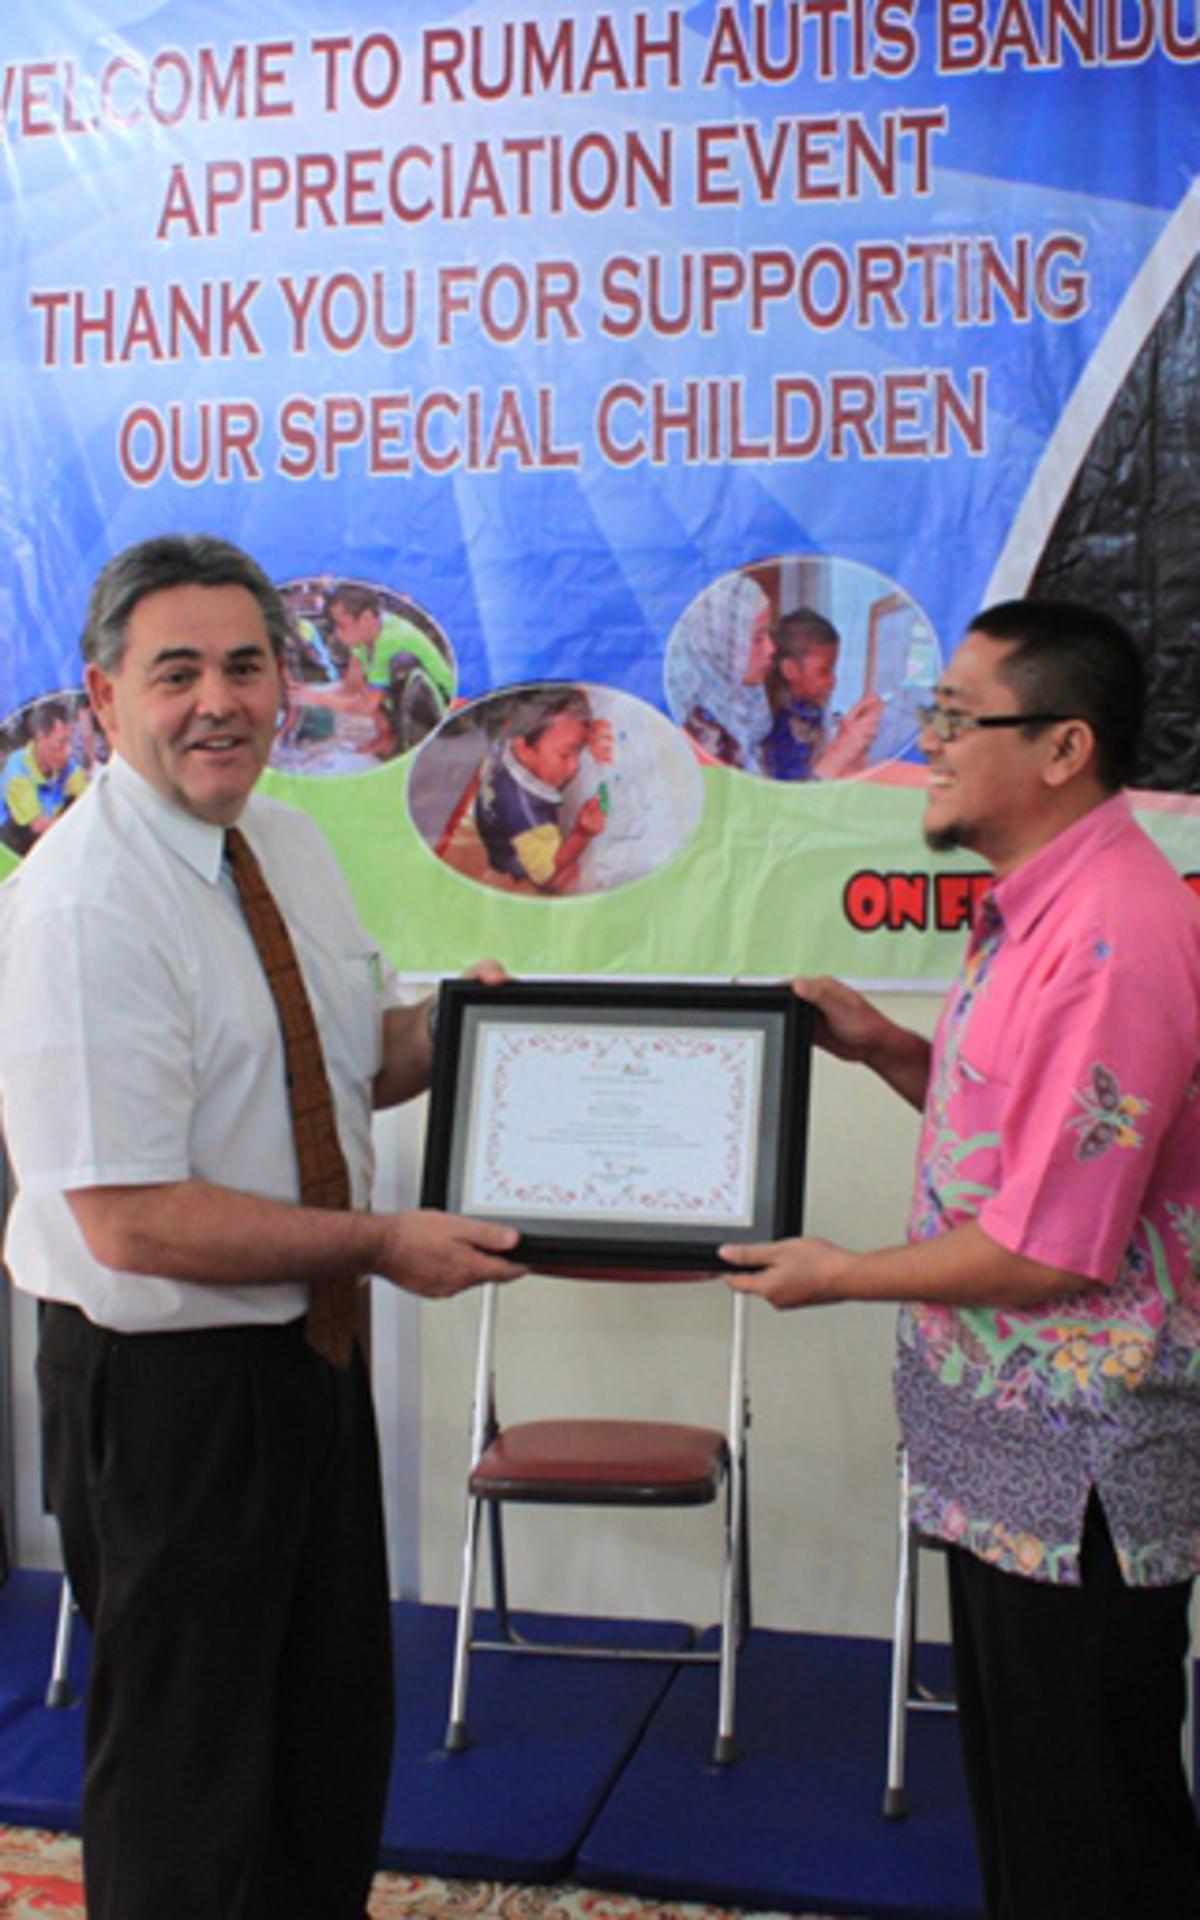 Foto bersama di Rumah Autis Bandung